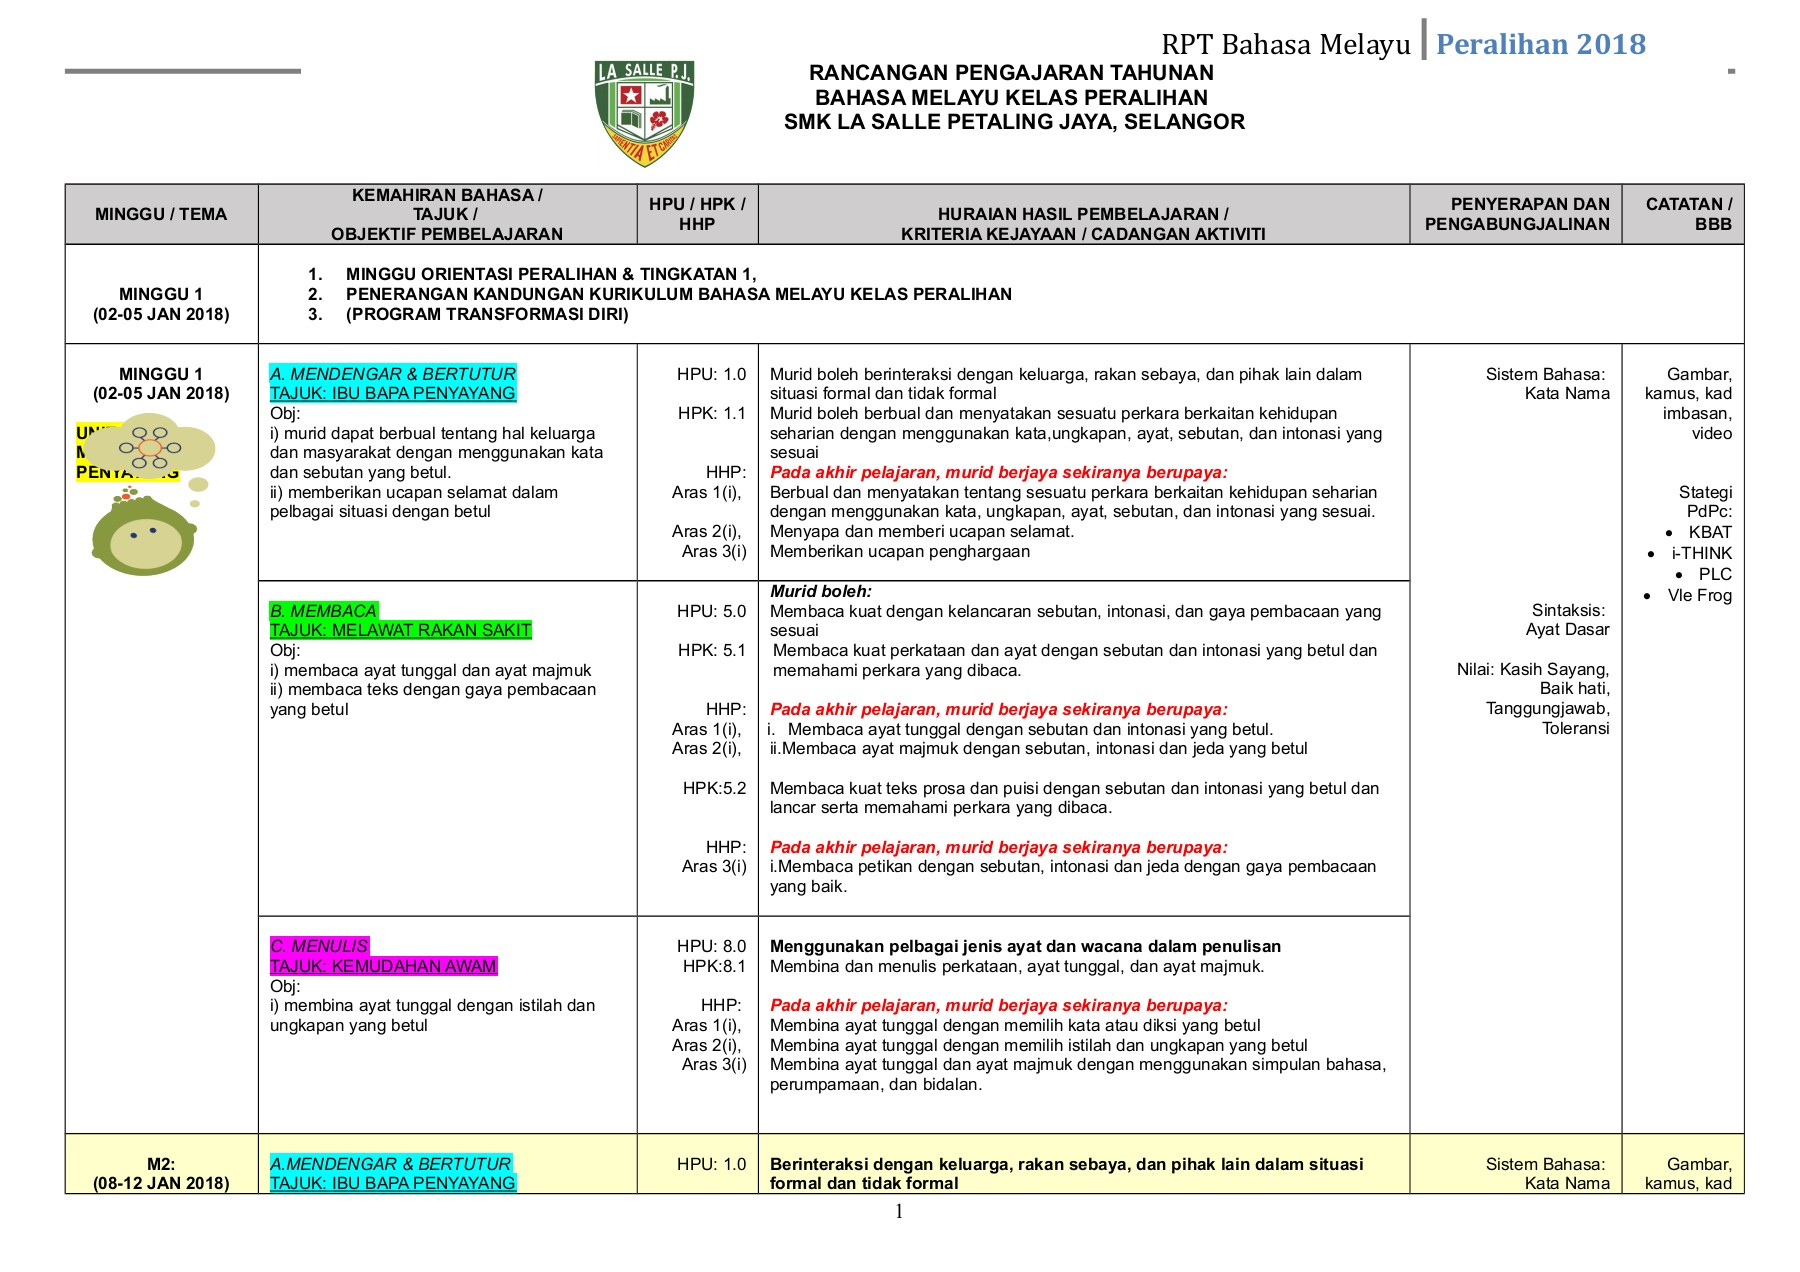 Kad Imbasan Bahasa Melayu Kad Imbasan Abjad Bahasa Melayu Teacher Made Lihat Gambar Dan Sebutkan Perkataan Yang Diberikan Menggunakan Bahasa Istana